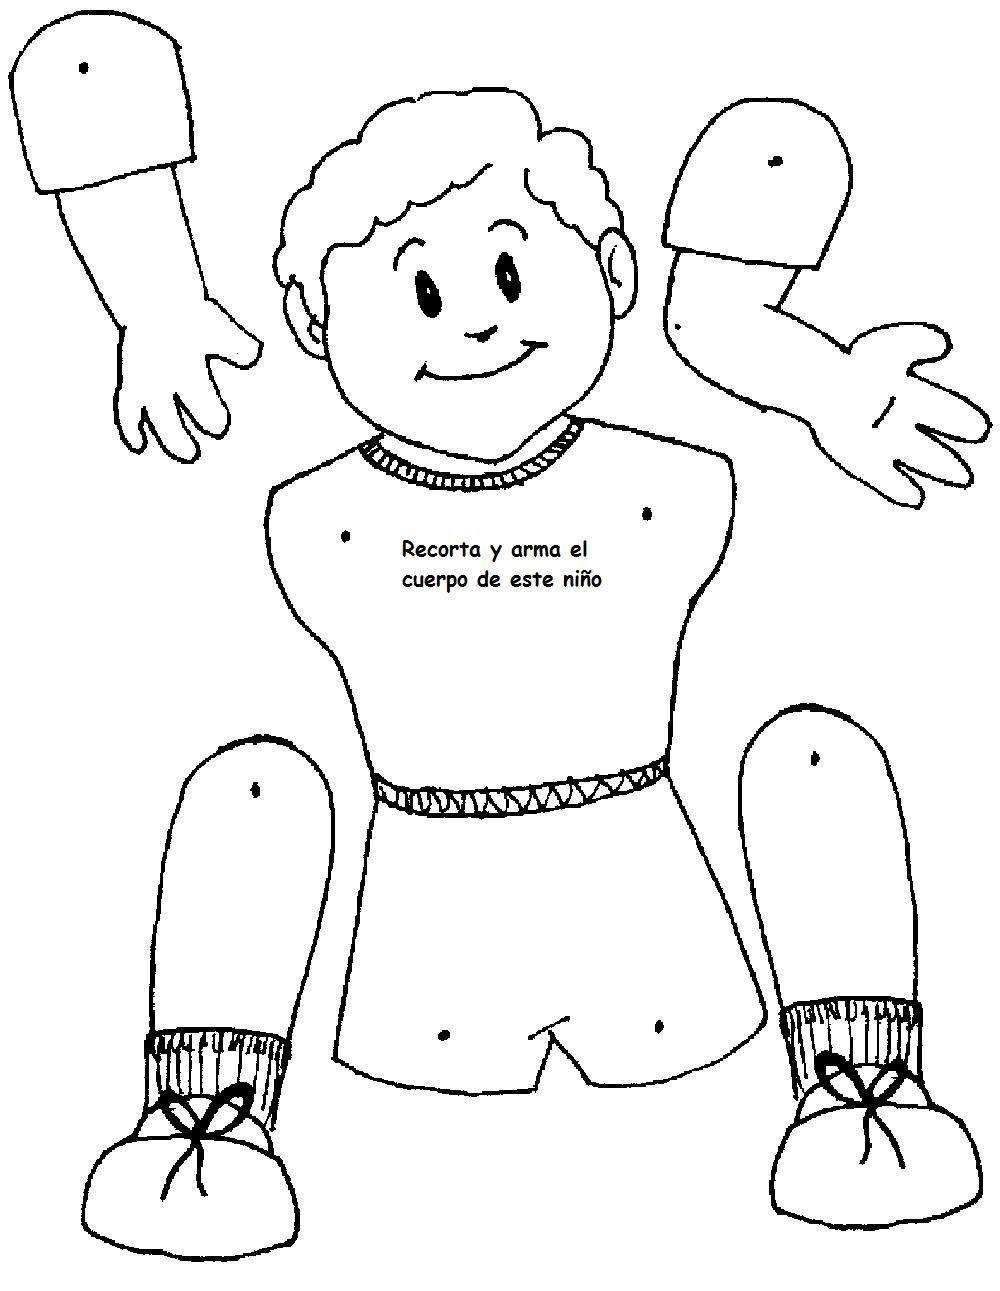 partes del cuerpo humano para colorear - Căutare Google | Vestidos ...